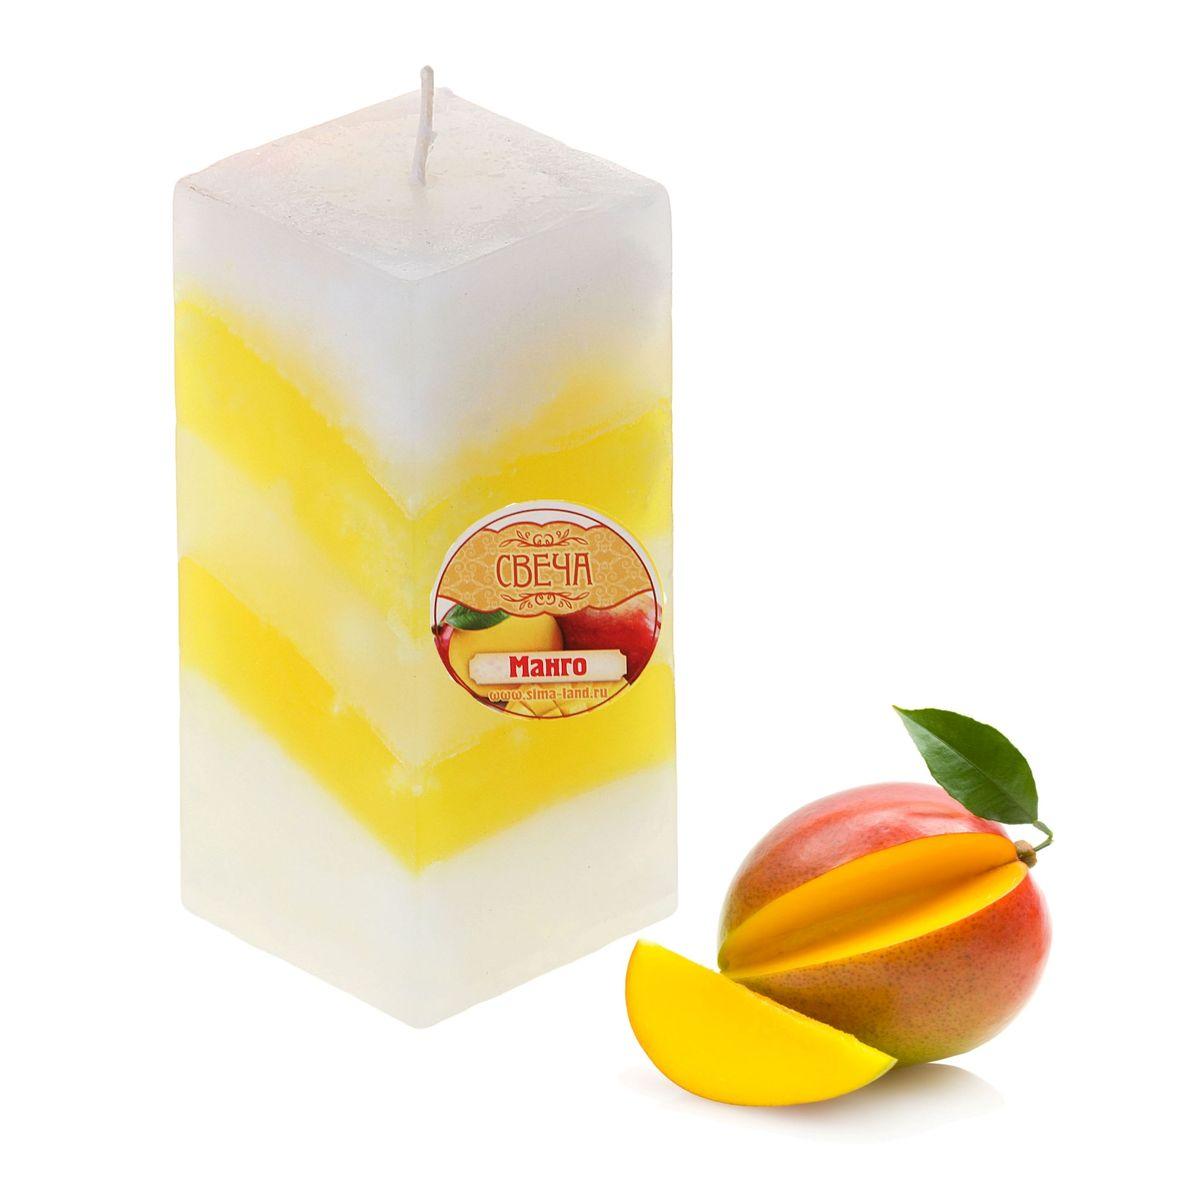 Свеча ароматизированная Sima-land Манго, высота 10 см. 849583UP210DFСвеча ароматизированная Sima-land Манго выполнена из воска и оформлена в виде столбика. Свеча отличается ярким дизайном и сочным ароматом манго, который понравится как женщинам, так и мужчинам. Создайте для себя и своих близких не забываемую атмосферу праздника и уюта в доме. Свеча будет радовать свежим ароматом и раскрасит серые будни яркими красками.